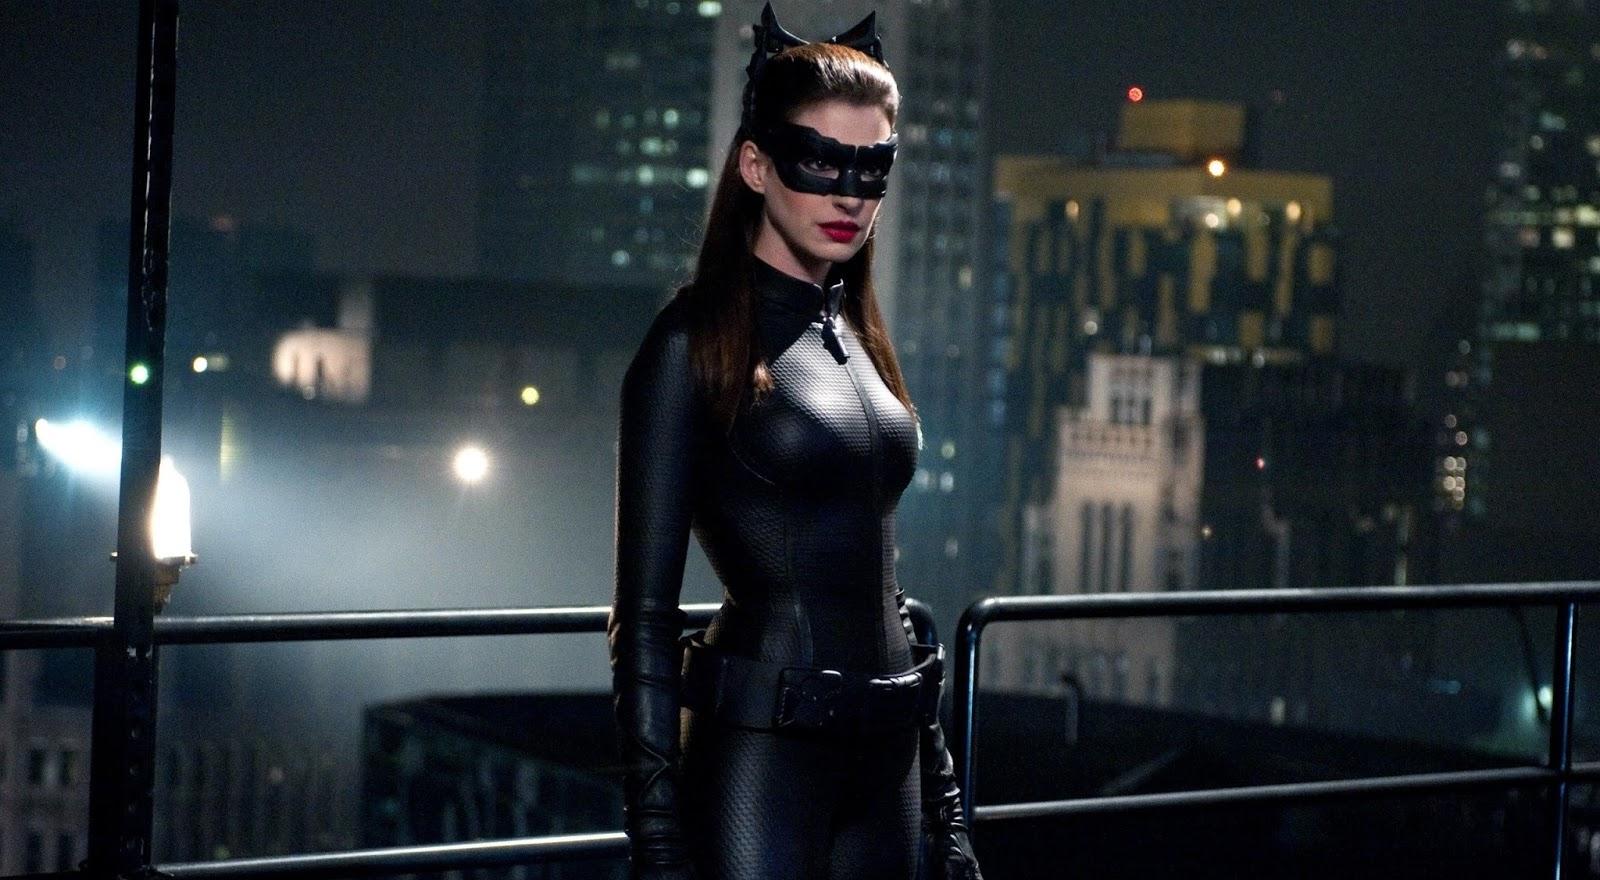 Anne Hathaway gostaria de voltar a interpretar a Mulher-Gato nos cinemas